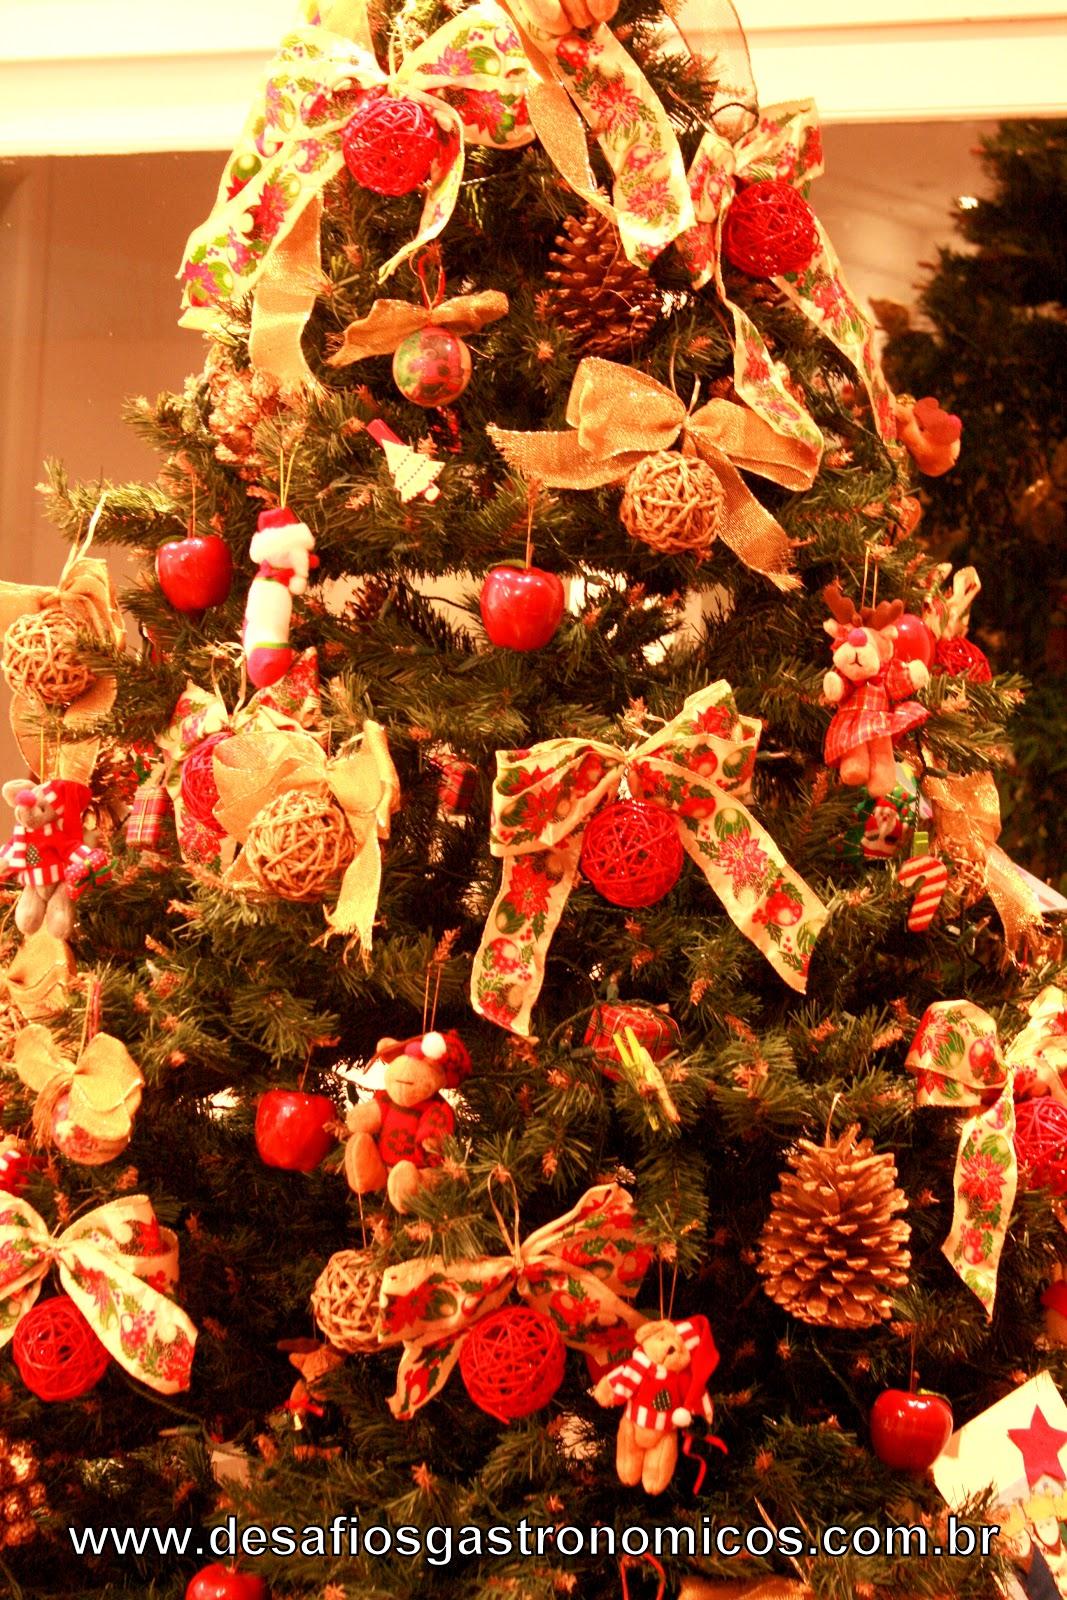 decoracao arvore de natal vermelho e dourado: : DESAFIO: Decorar a casa para um Natal Vermelho e Branco